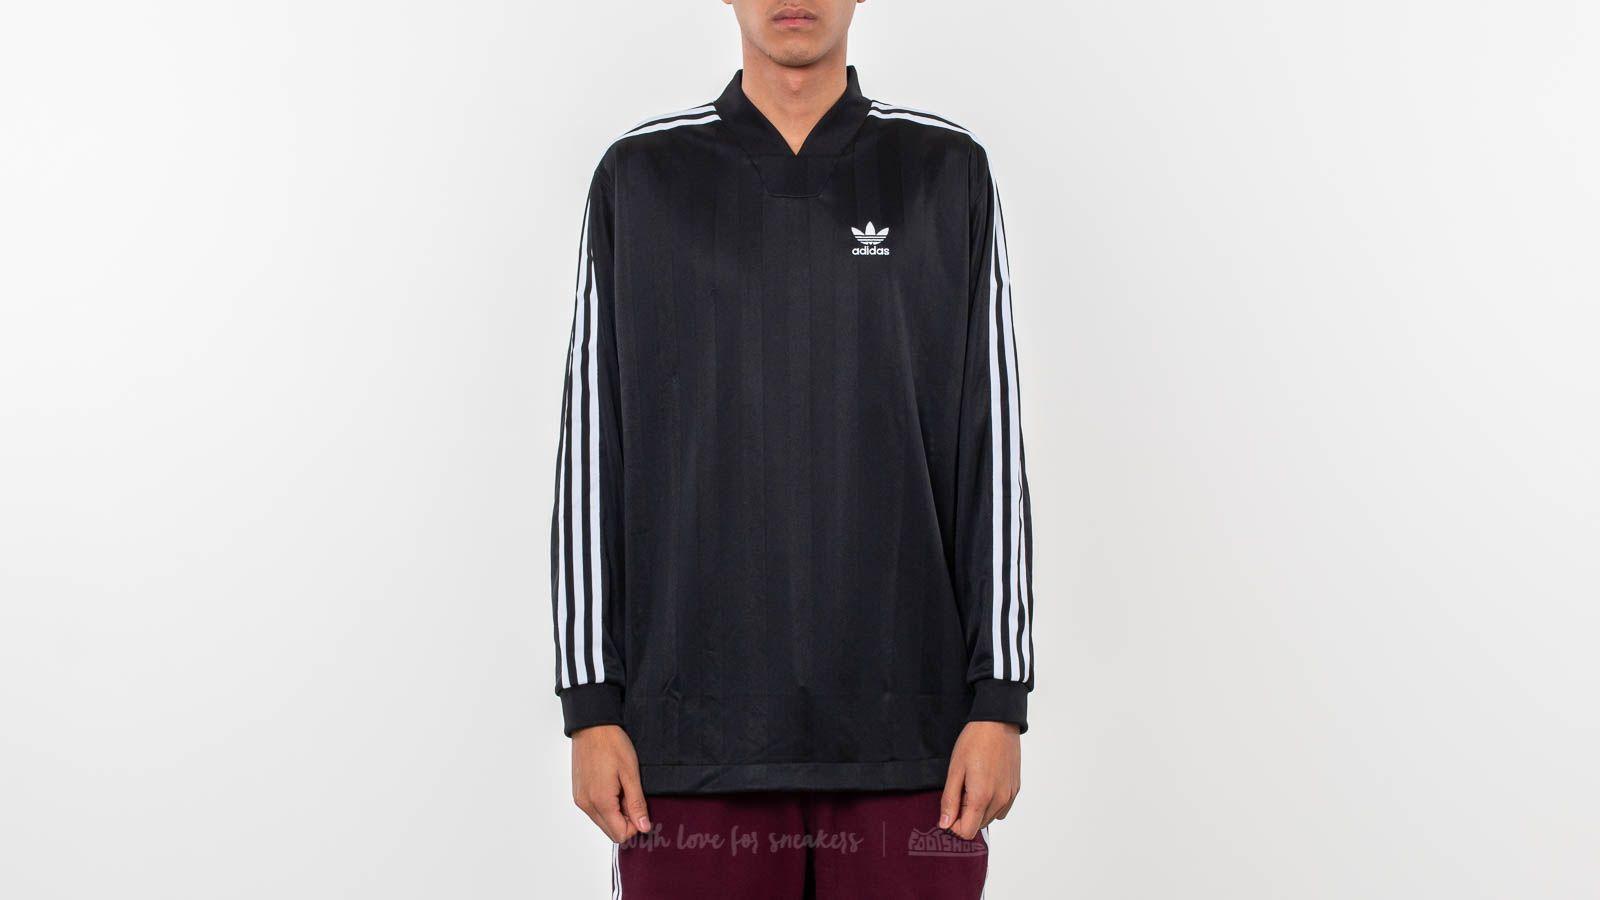 adidas Originals B-Side Longsleeve Jersey Tee Black za skvělou cenu 1 190 Kč koupíte na Footshop.cz